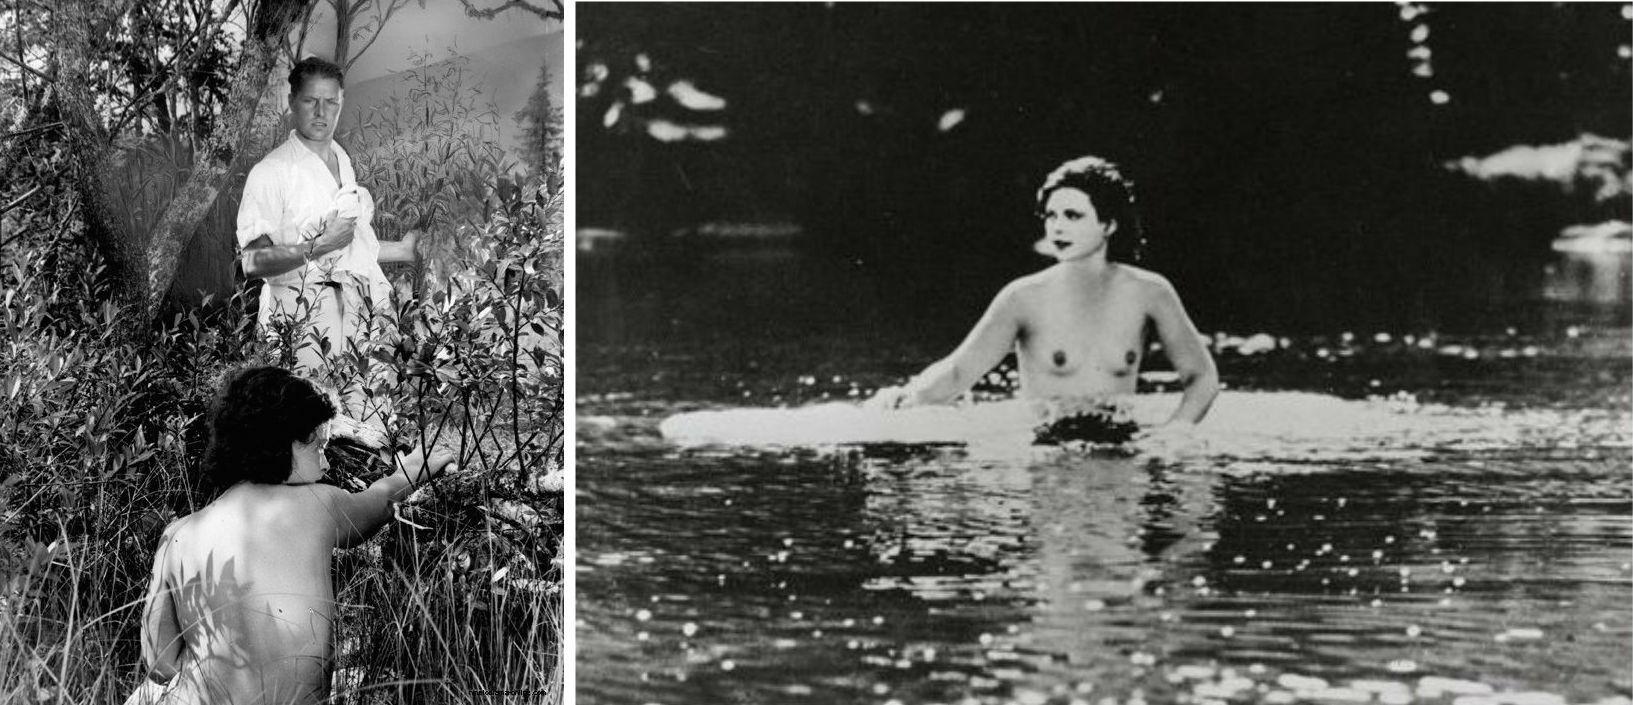 Хеди Ламарр — голливудская звезда 40-х годов, которая «изобрела» Wi-fi и GPS - 2